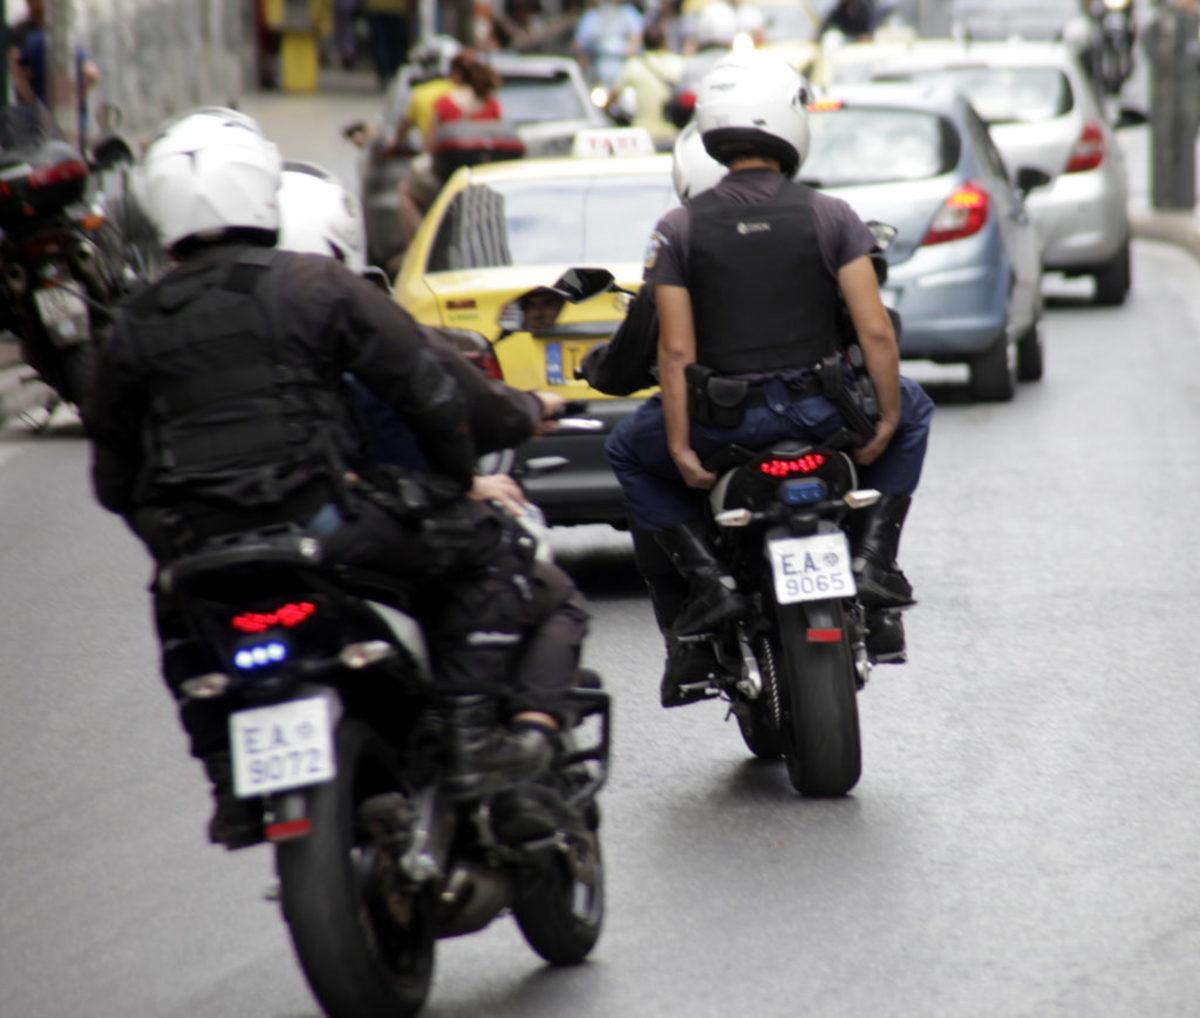 Συμπλοκή με έναν νεκρό στο κέντρο της Αθήνας